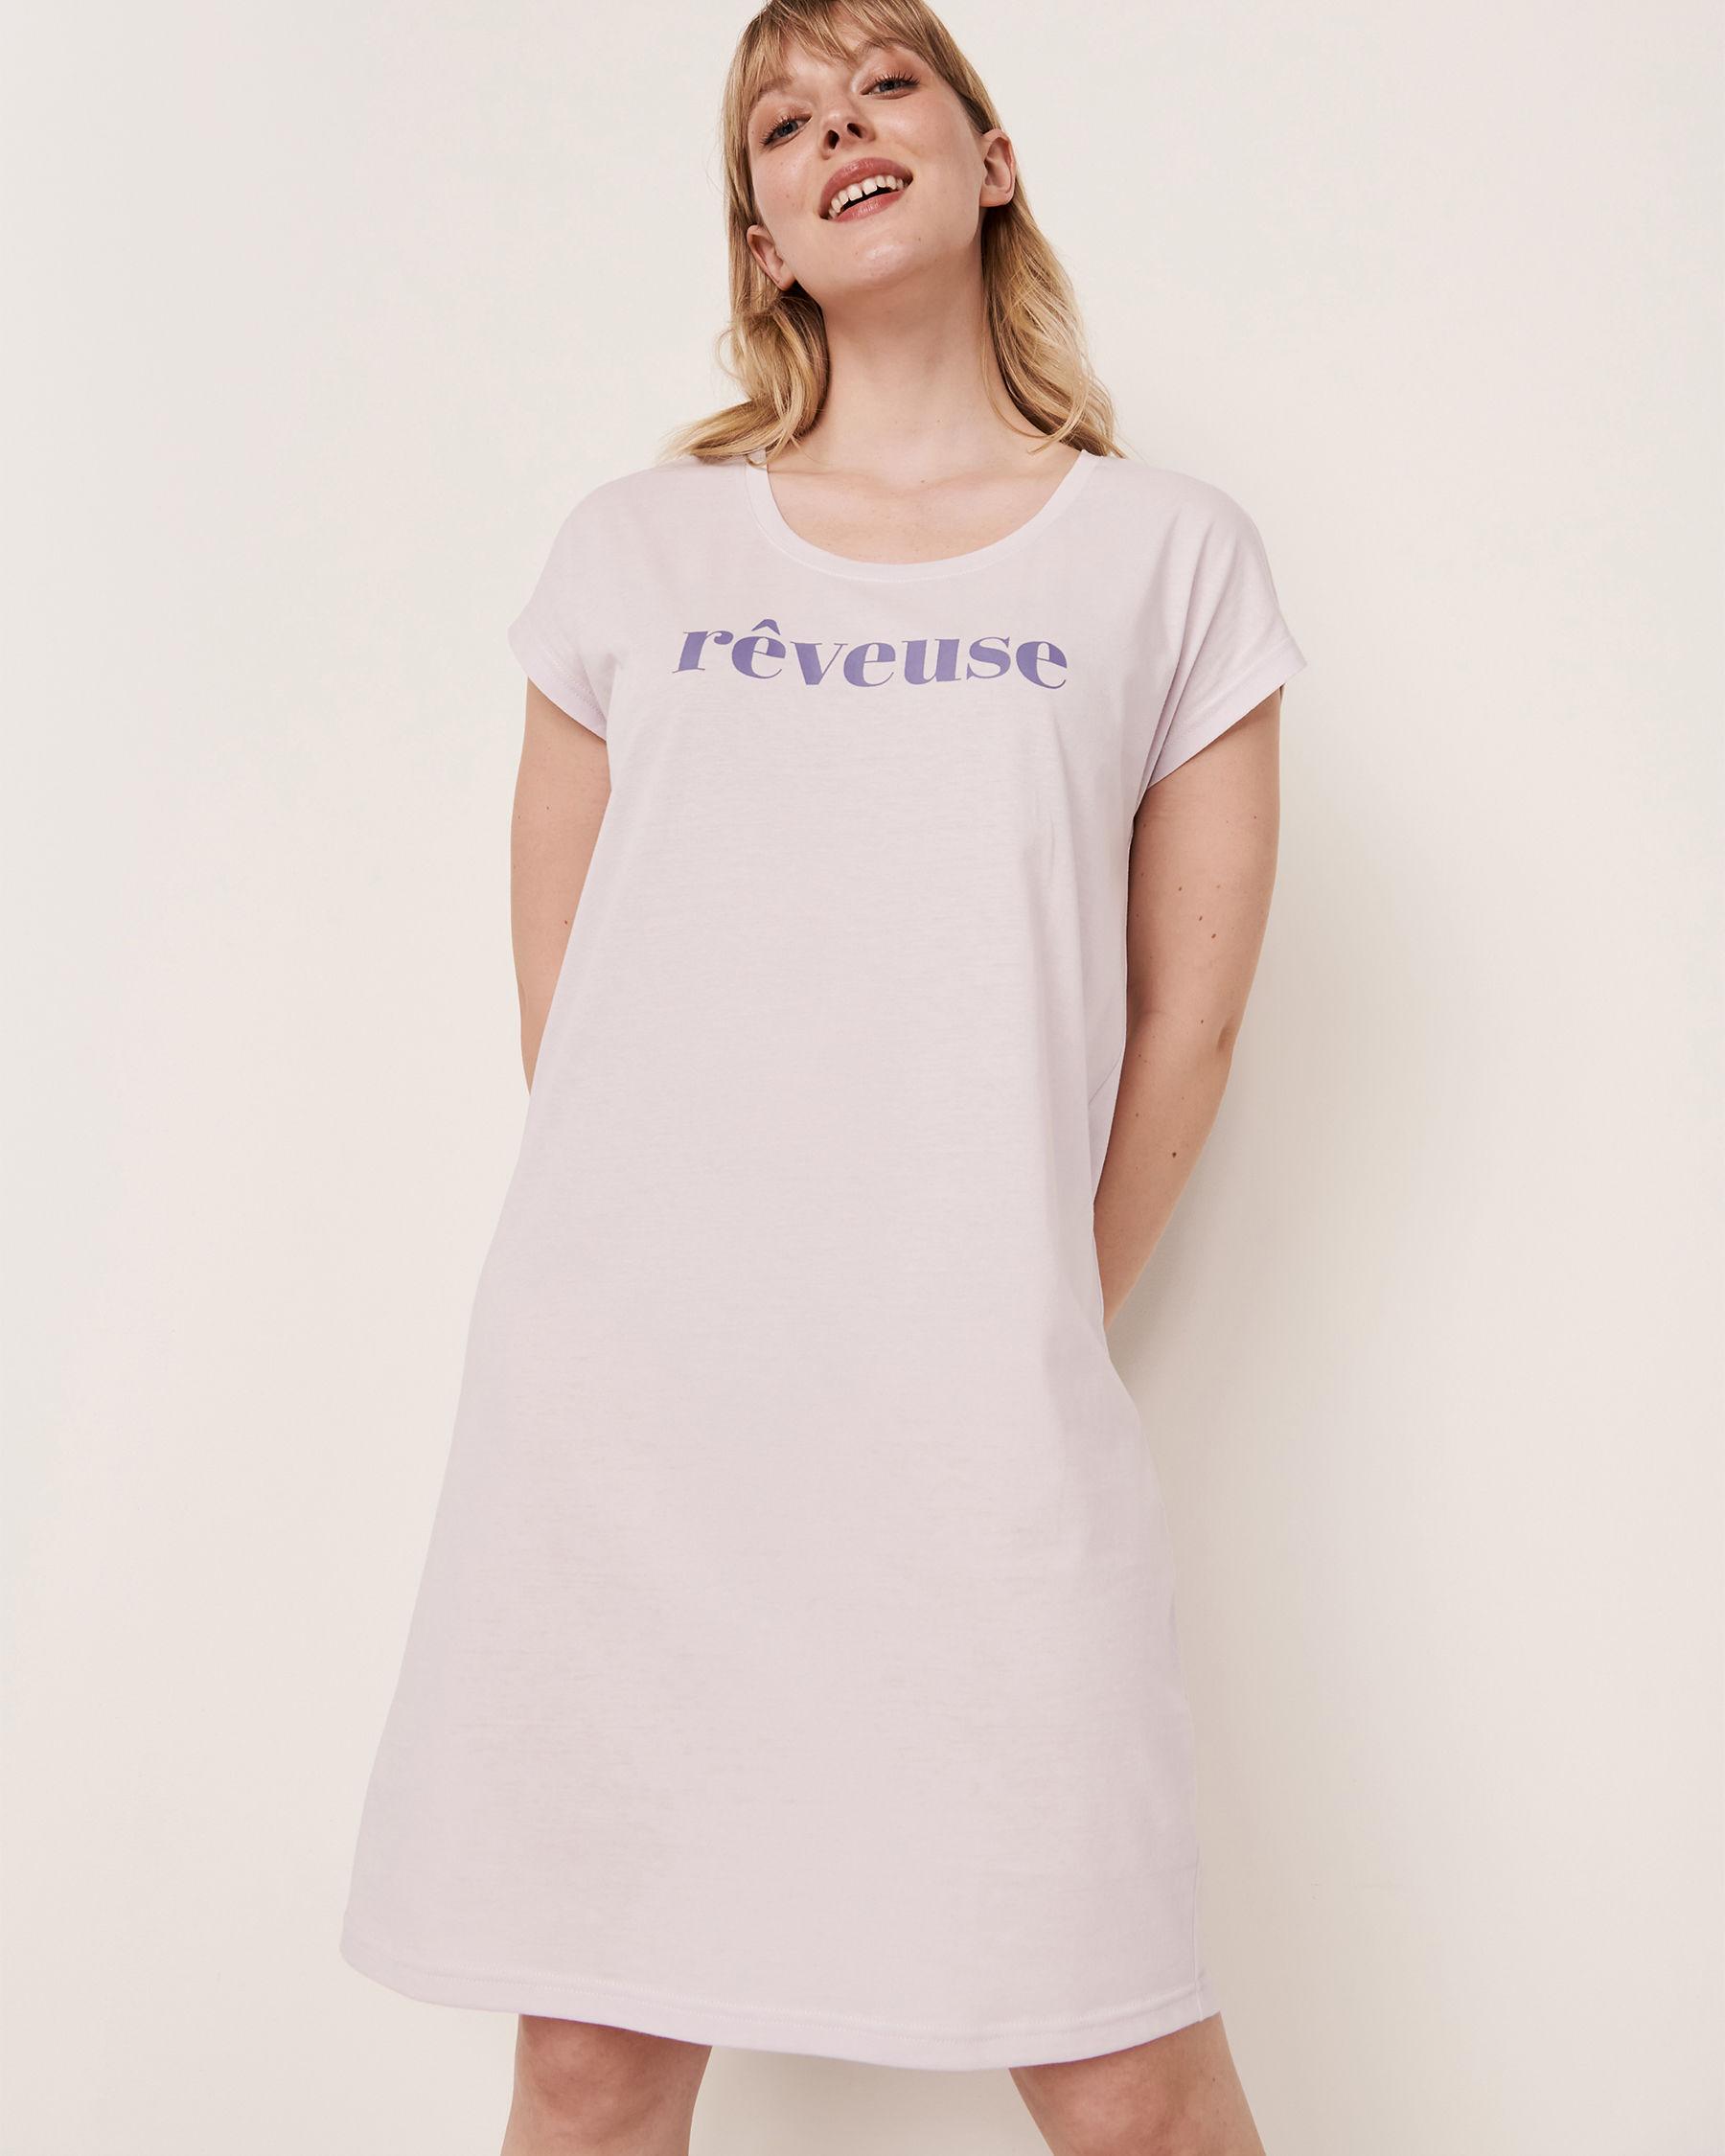 LA VIE EN ROSE Scoop Neck Short Sleeve Sleepshirt Lavender 40500104 - View1